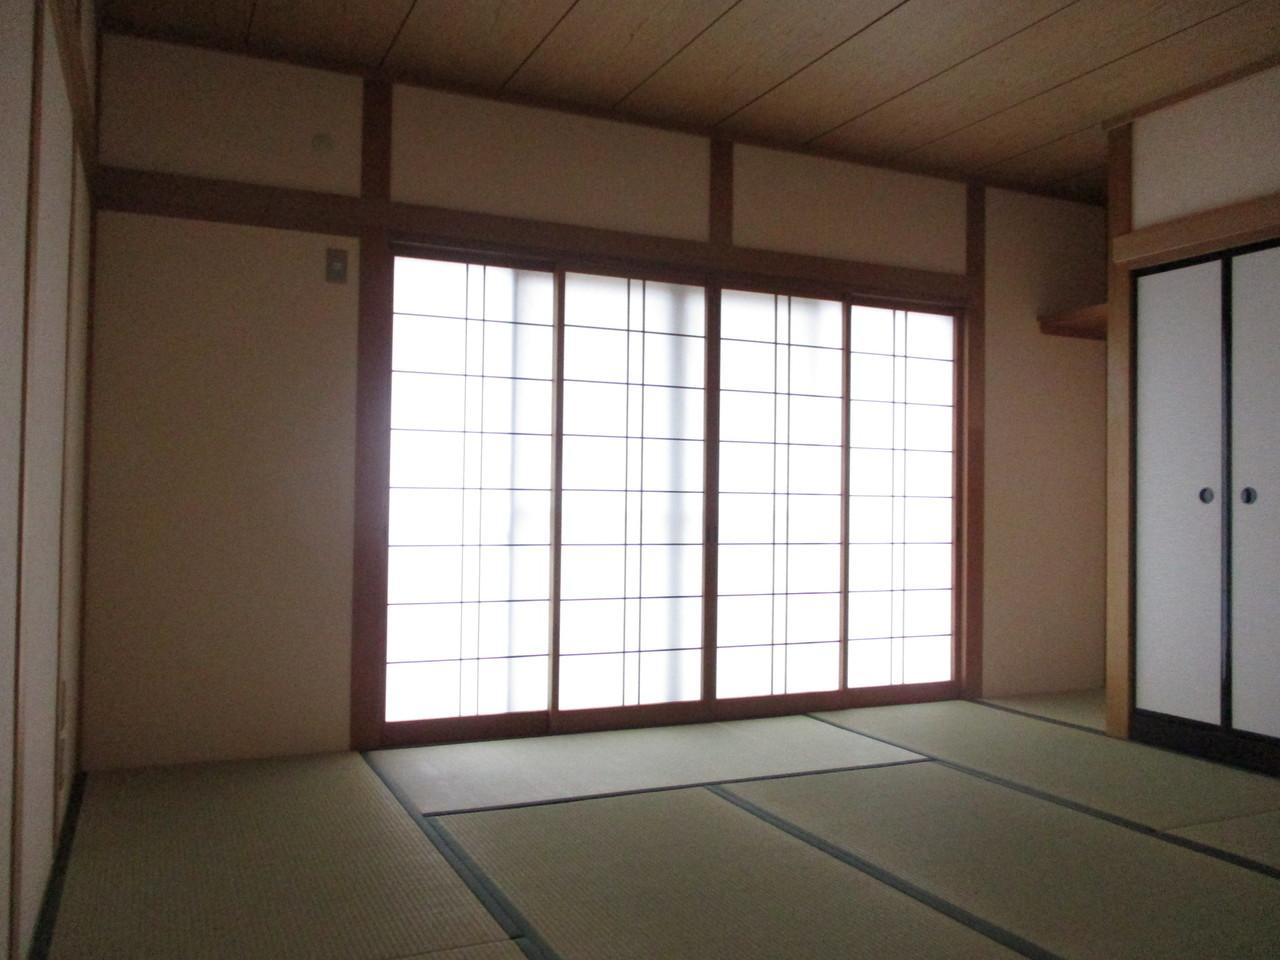 1階部分の和室になります。